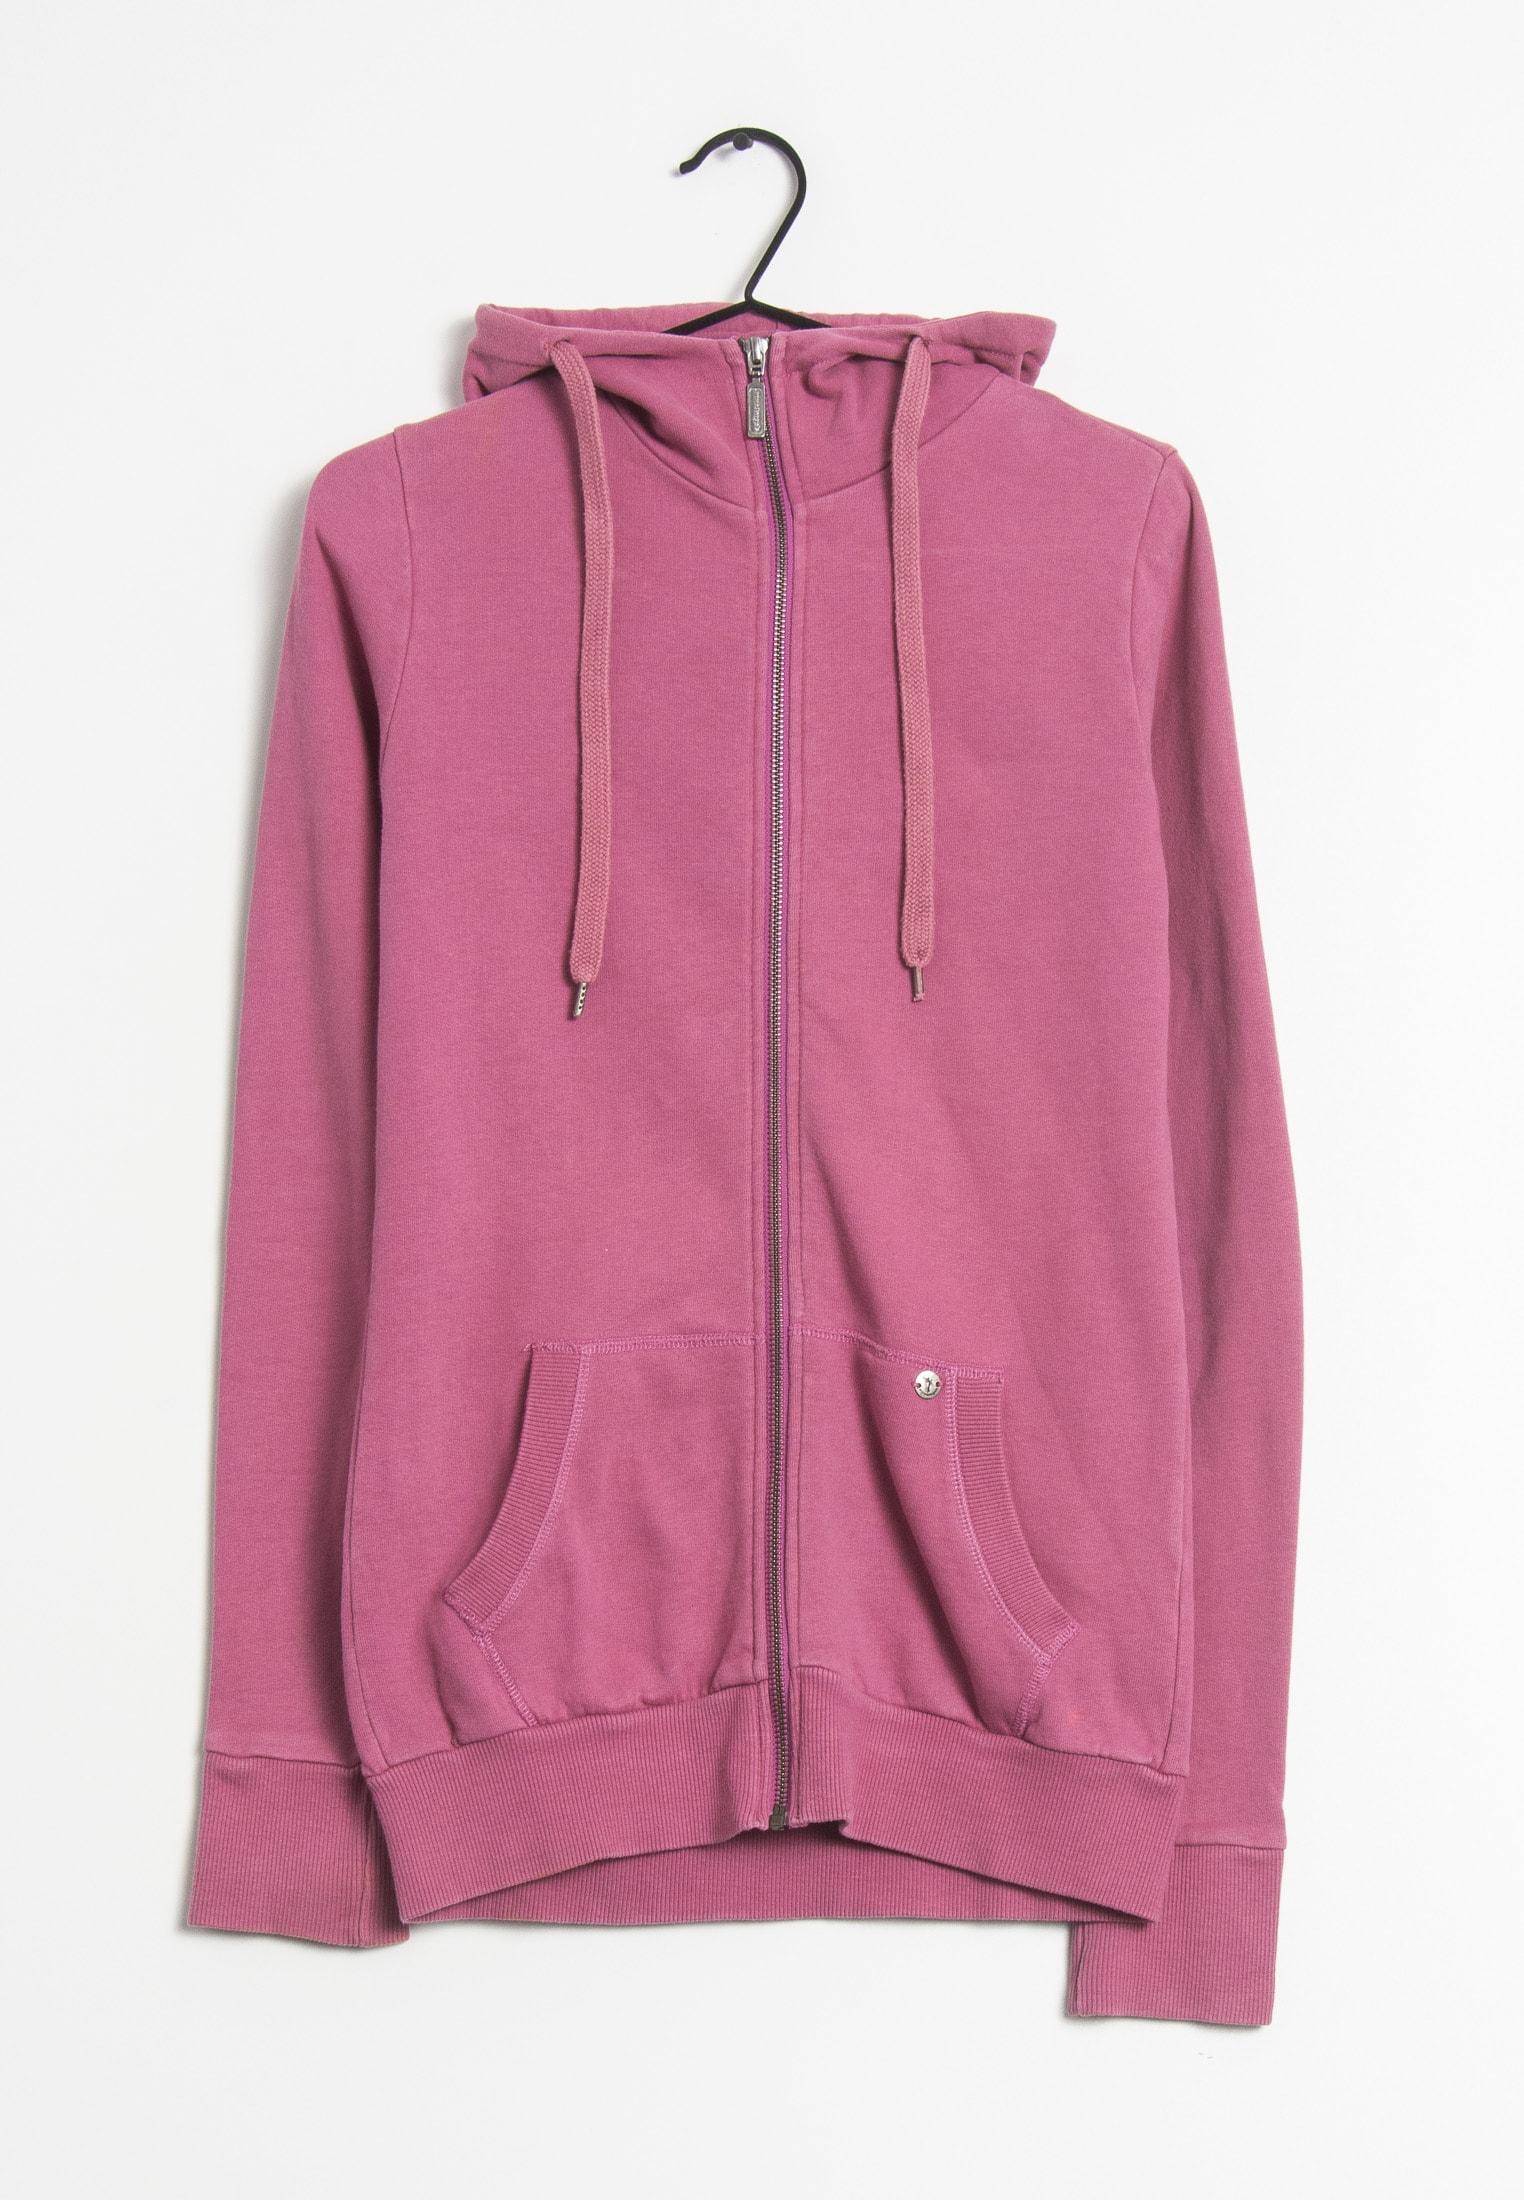 ARMEDANGELS Sweat / Fleece Pink Gr.XS